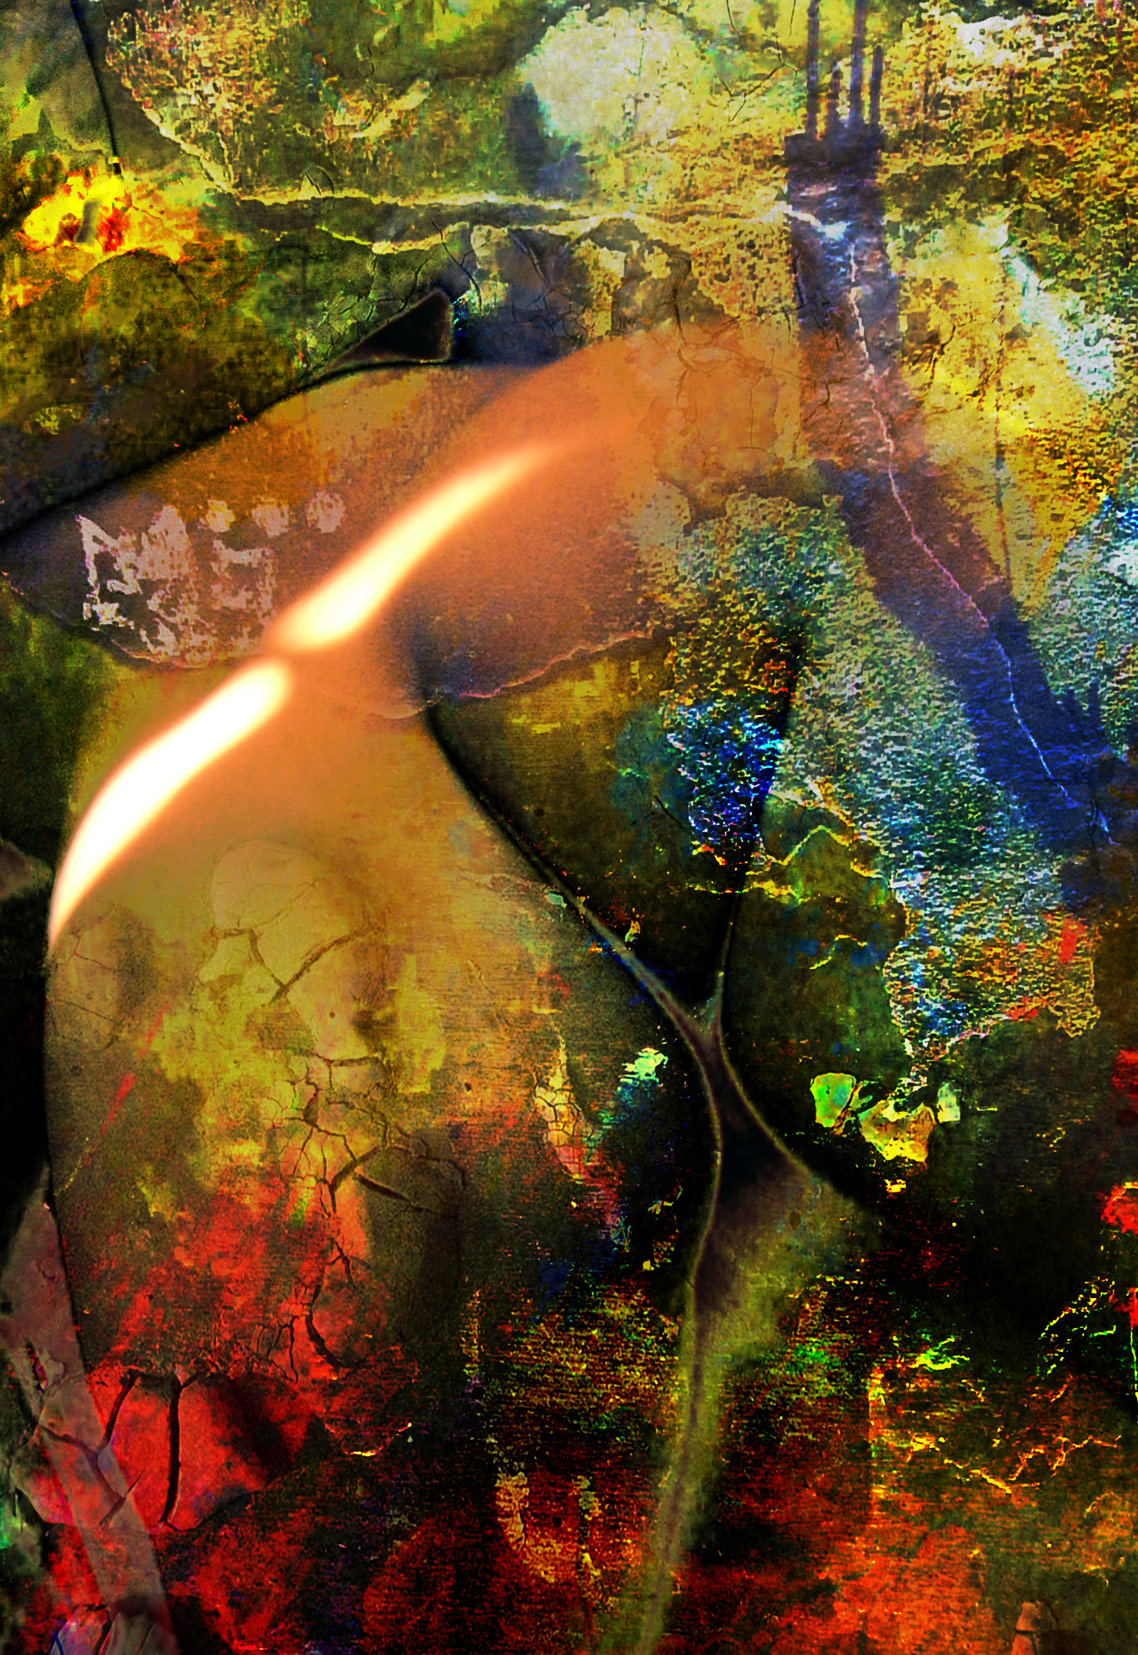 Frank Lovisolo - Exposition virtuelle le vol d'une nuit